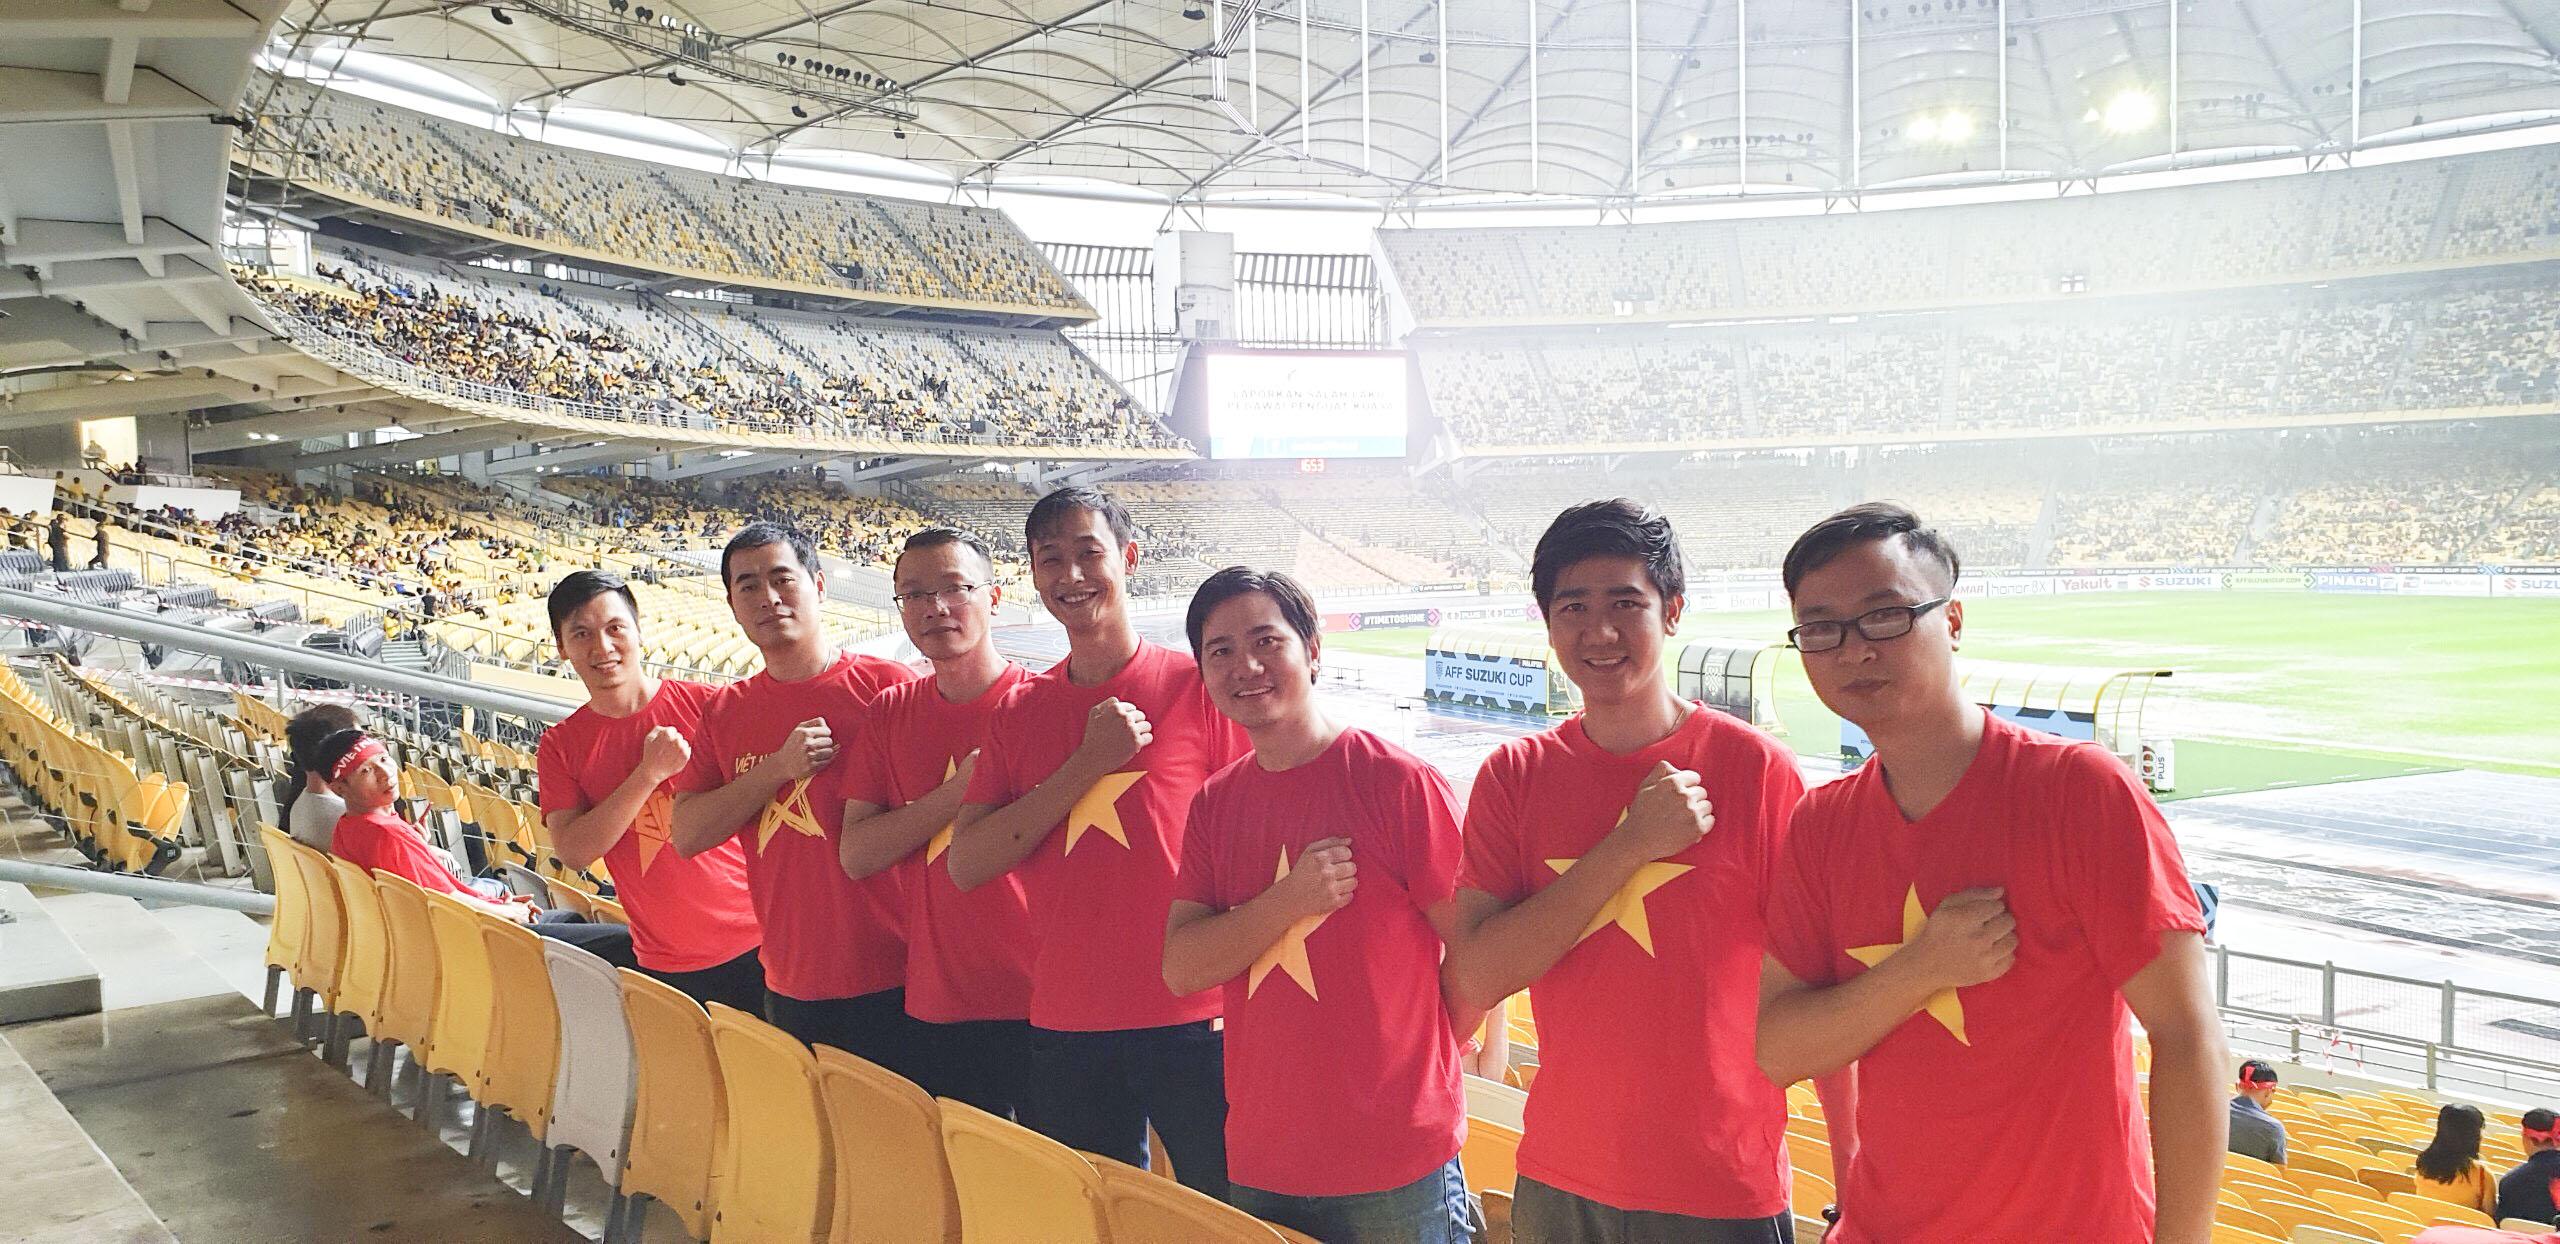 """Bên cạnh các FMAS, nhà F Việt Nam cũng có các CĐV đã bay sang Malaysia để cổ vũ cho đội nhà. Anh Vũ Chí Thành - Giám đốc FPT Polytechnic - là một trong những người có mặt ở Bukit Jalil từ rất sớm. Nói về trận chung kết lượt đi, anh Thành đánh giá đây là một khó khăn thực sự của đội tuyển Việt Nam: """"Trận hôm nay rất căng, Malaysia đá sân nhà rất tốt, nhưng khả năng sẽ là trận hòa có bàn thắng hoặc Việt Nam thắng chênh một bàn. Tôi nghĩ Trọng Hoàng sẽ ghi bàn và tỏa sáng"""". Trong ảnh là các thành viên của FPT Polytechnic Hà Nội, TP HCM, Đà Nẵng, Đăk Lăk và Cần Thơ."""